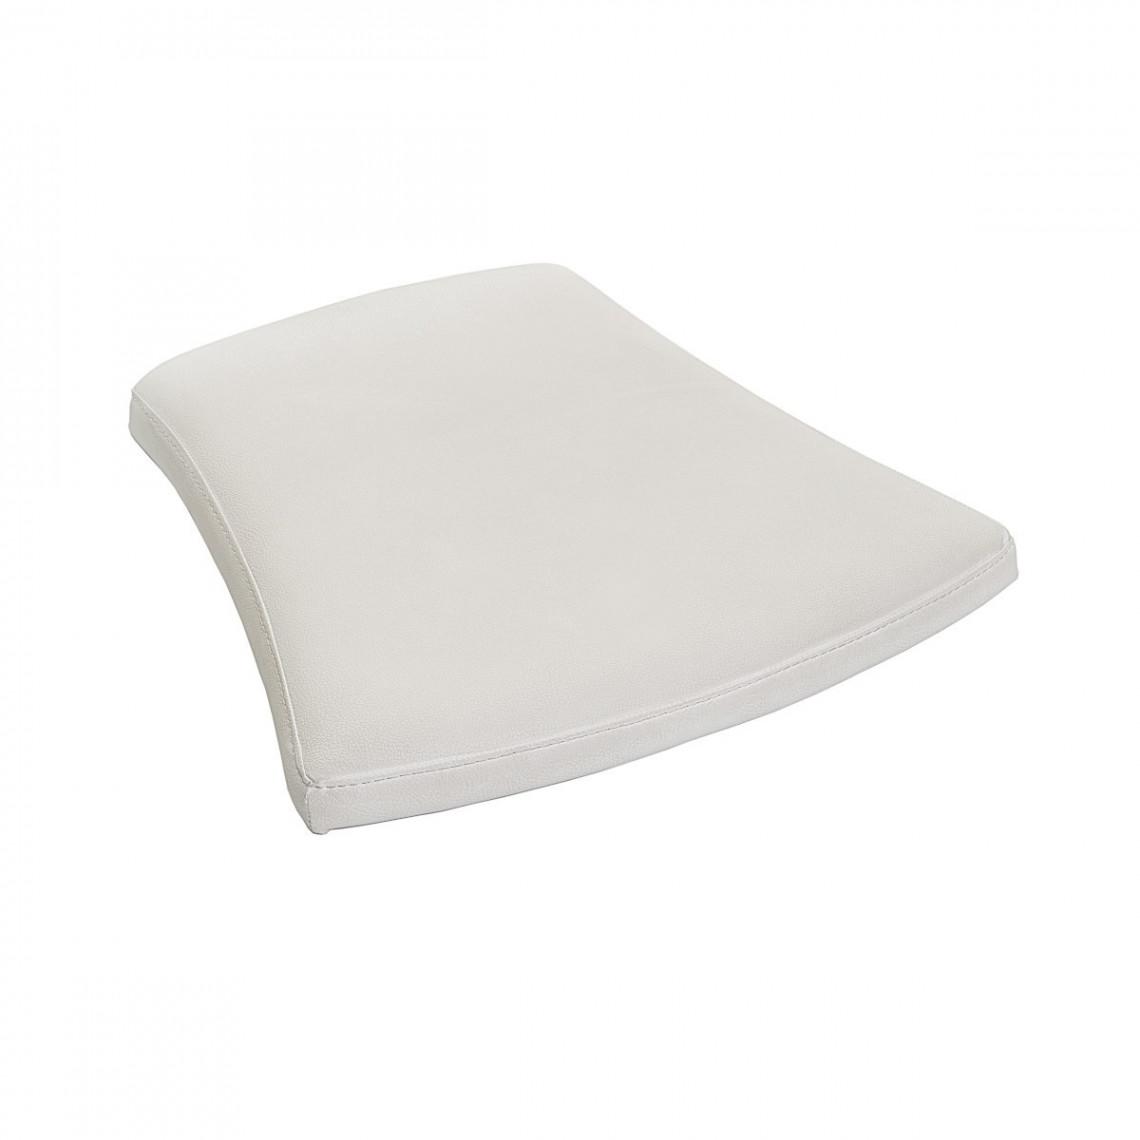 Assise simili cuir blanche pour chaise Coppelia (M1)